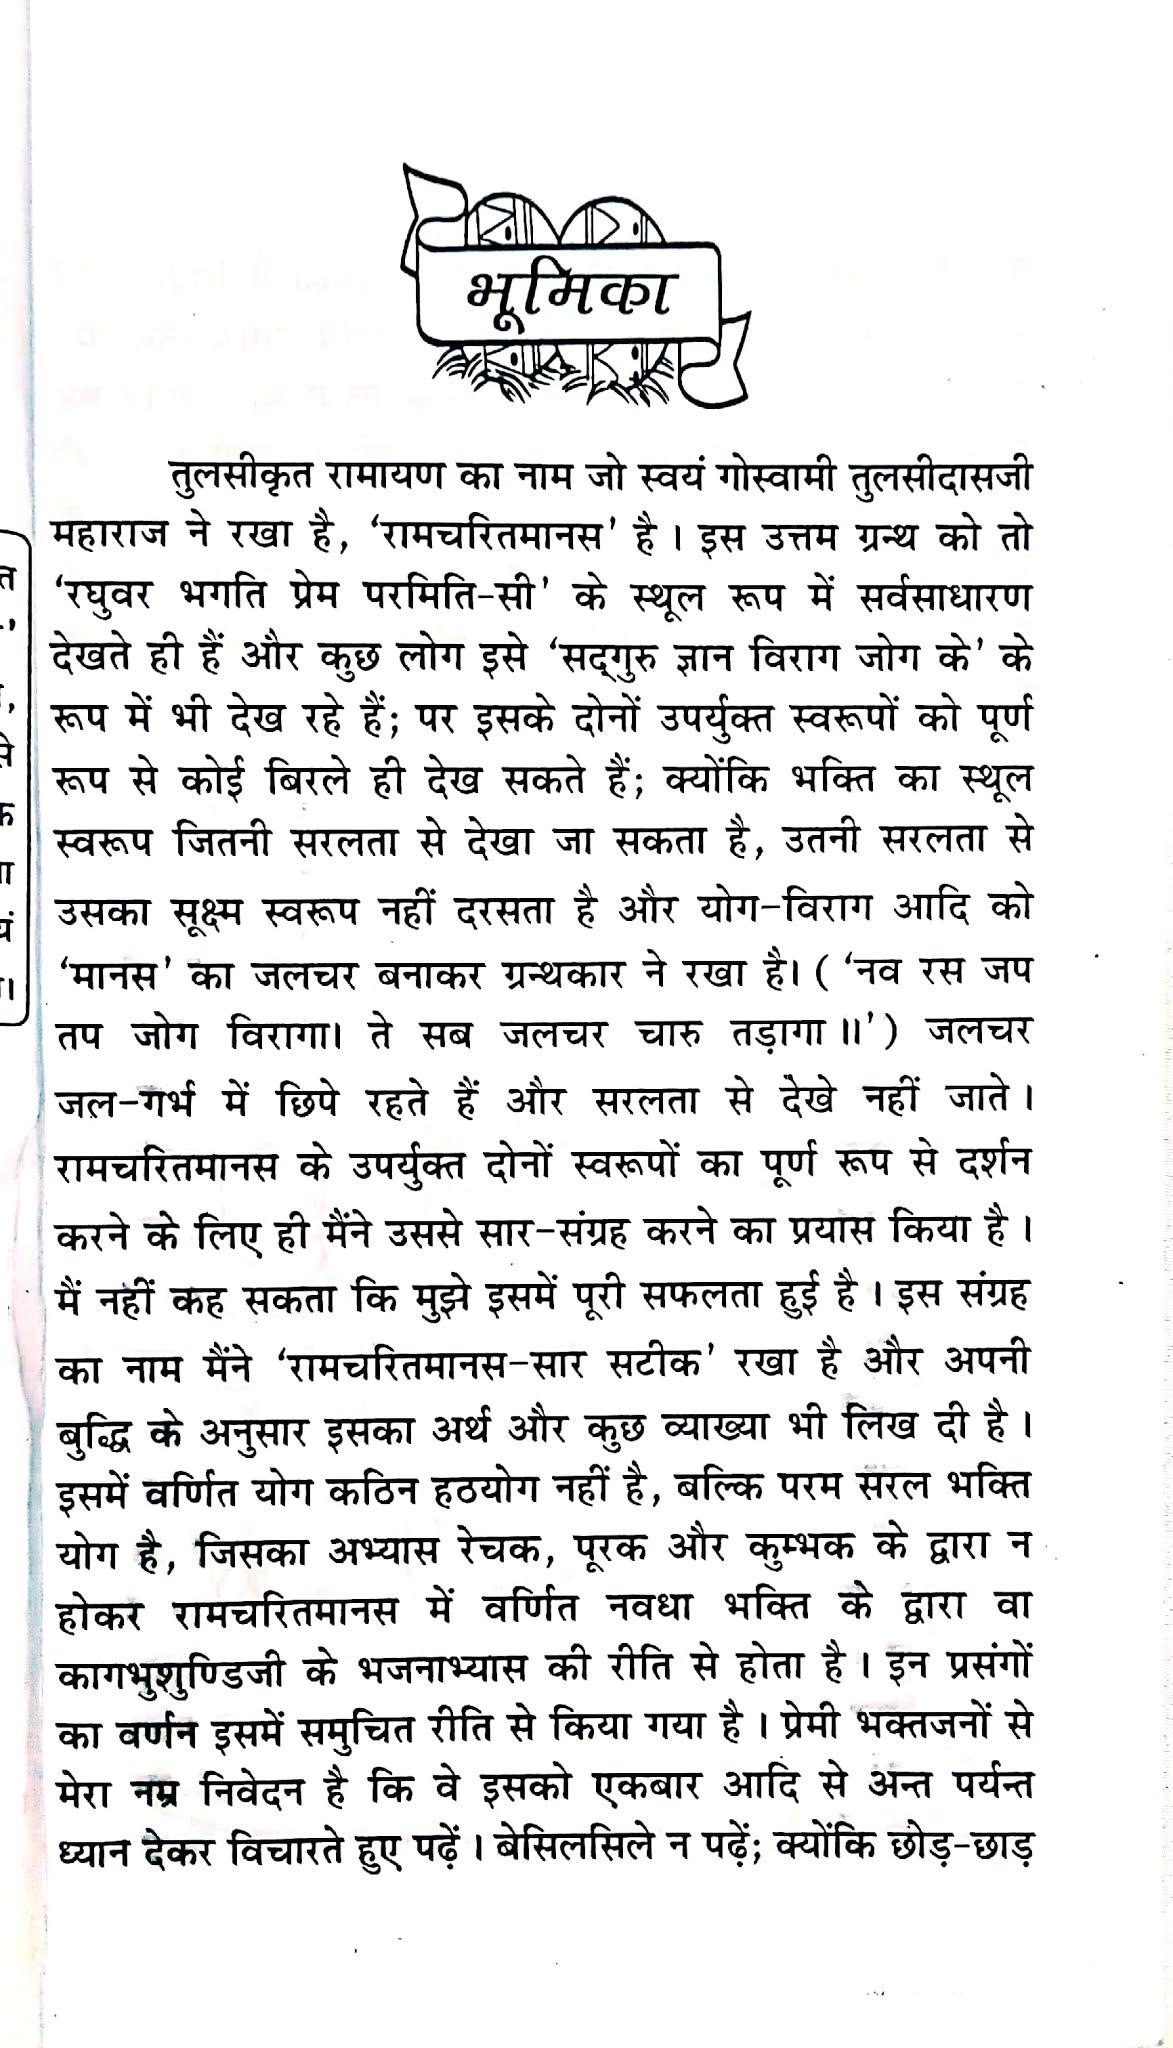 महर्षि साहित्य 'रामचरितमानस-सार सटीक' एक परिचय व ऑनलाइन बिक्री । रामचरितमानस भूमिका पर लेख